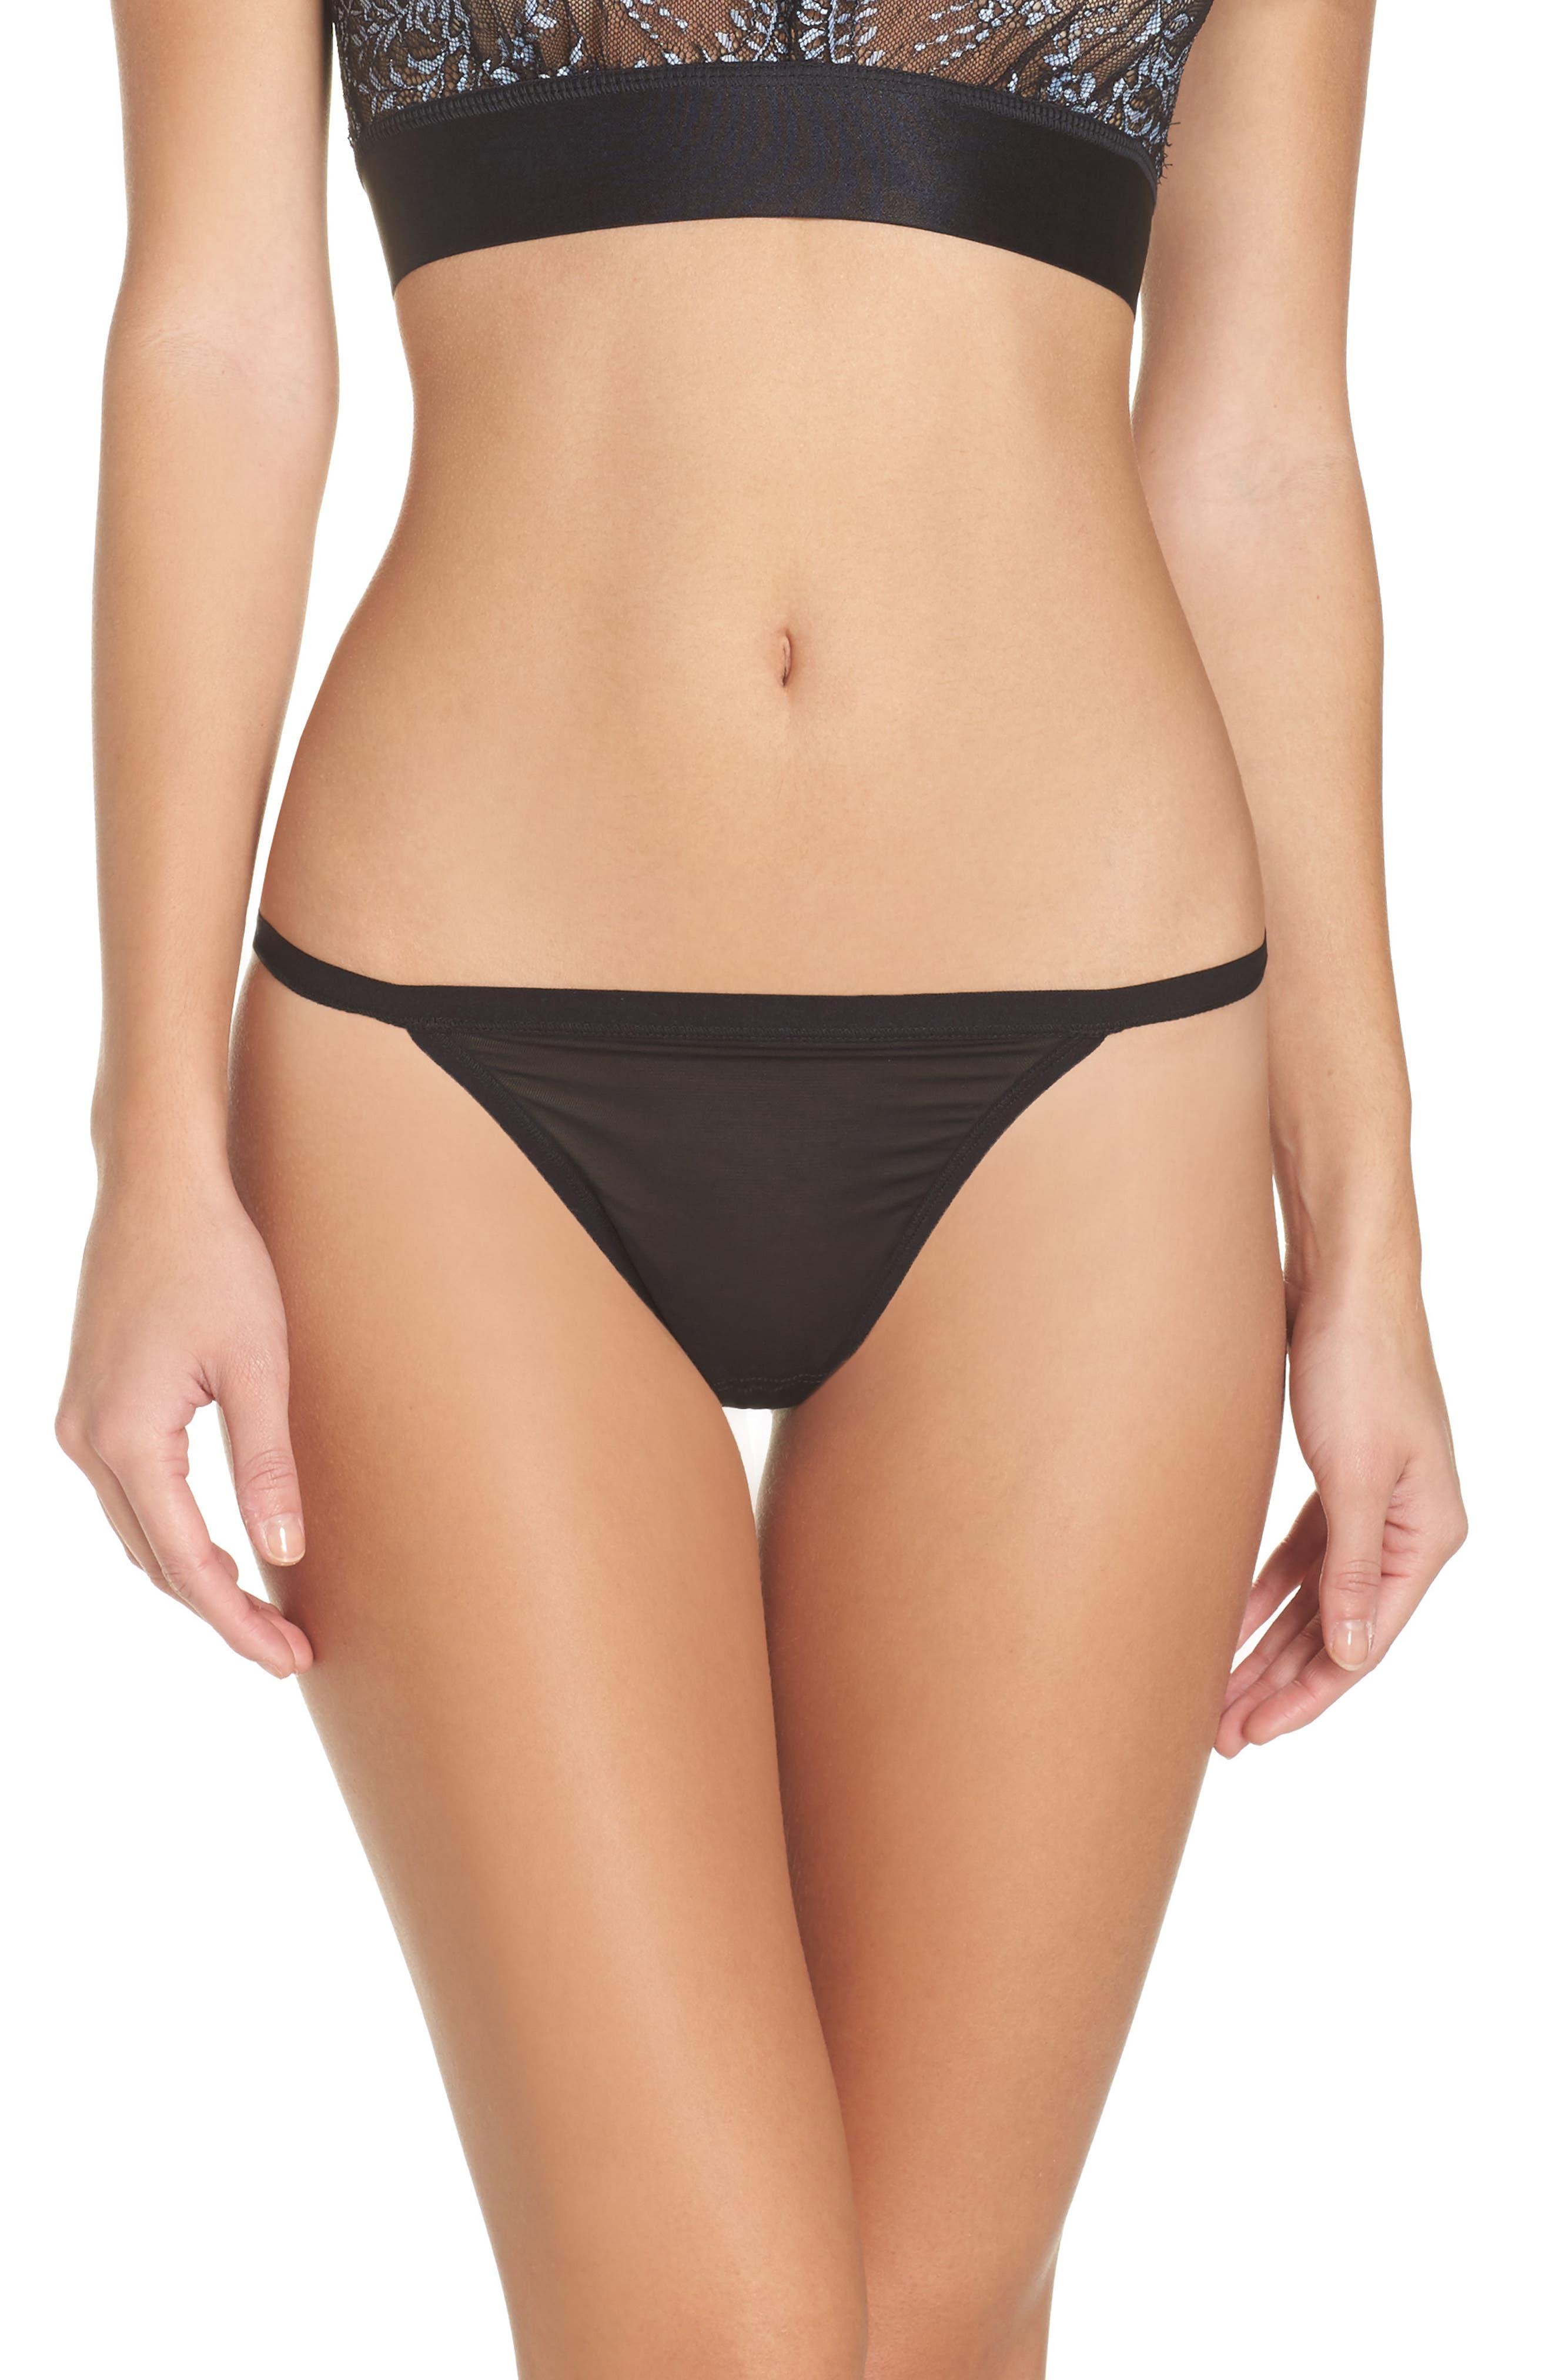 Lavinia Bikini,                             Main thumbnail 1, color,                             Black/ Blue